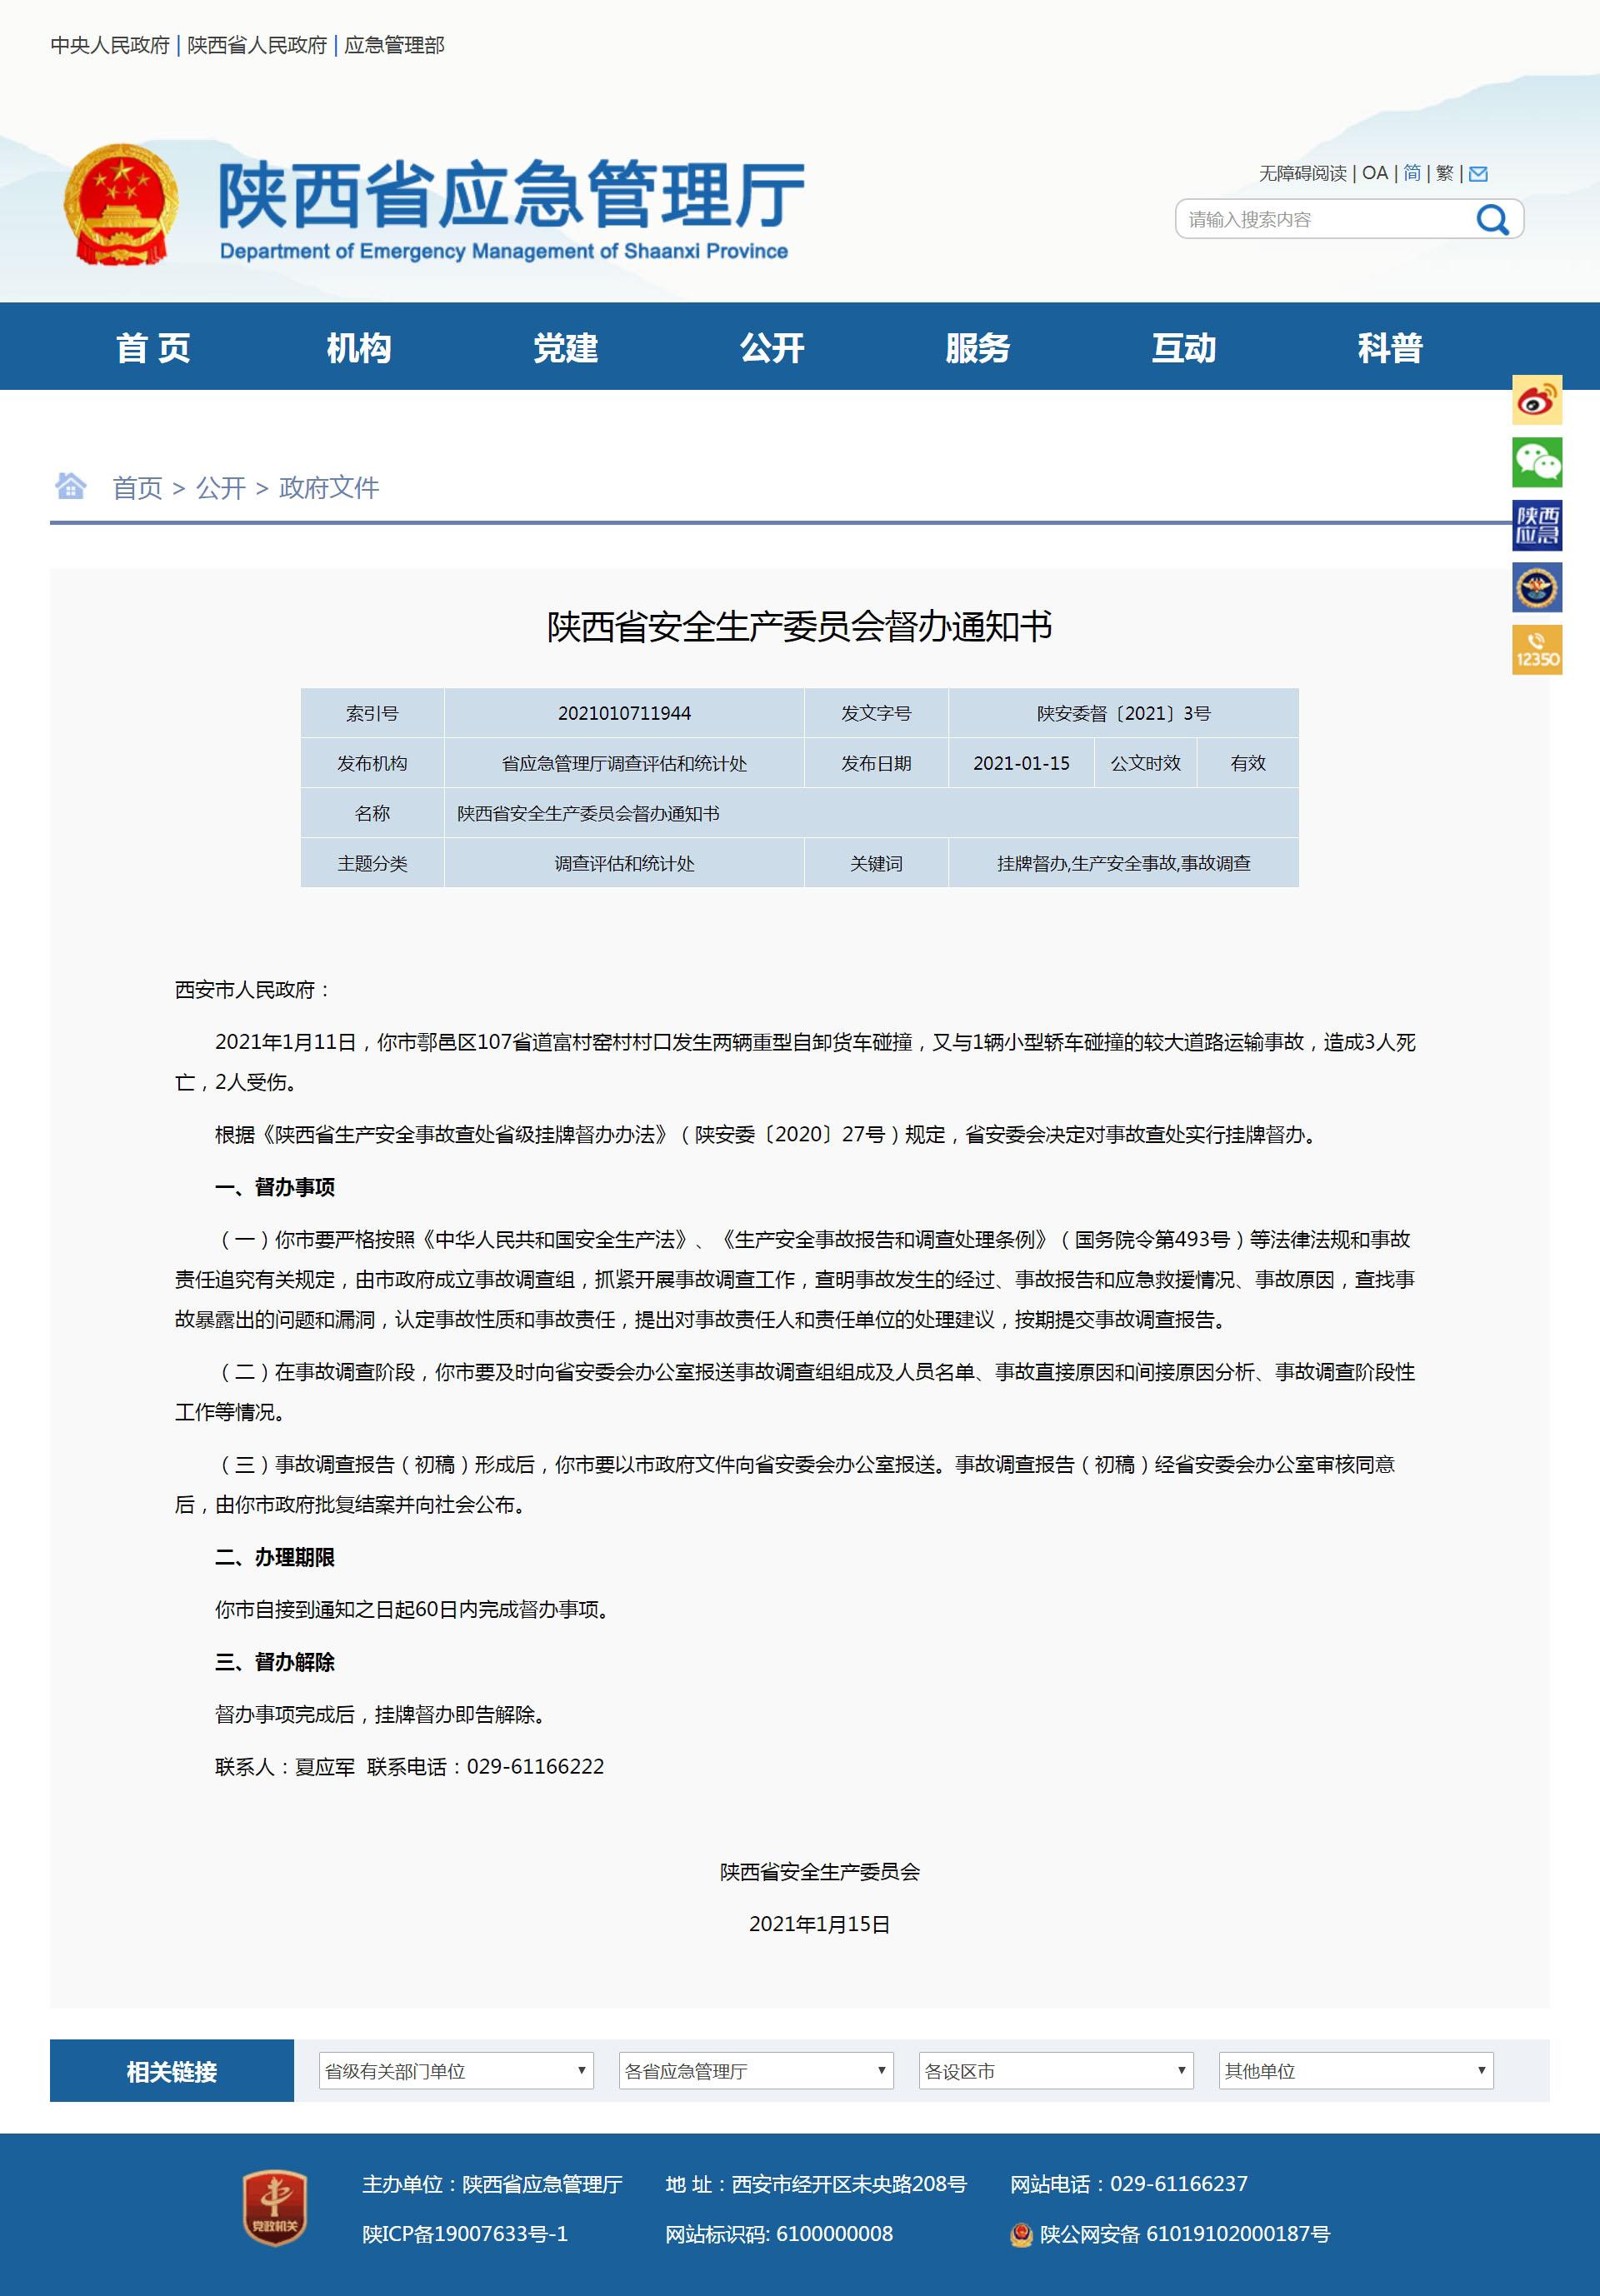 """陕西省安委会挂牌督办西安 """"1·11""""较大道路运输事故"""